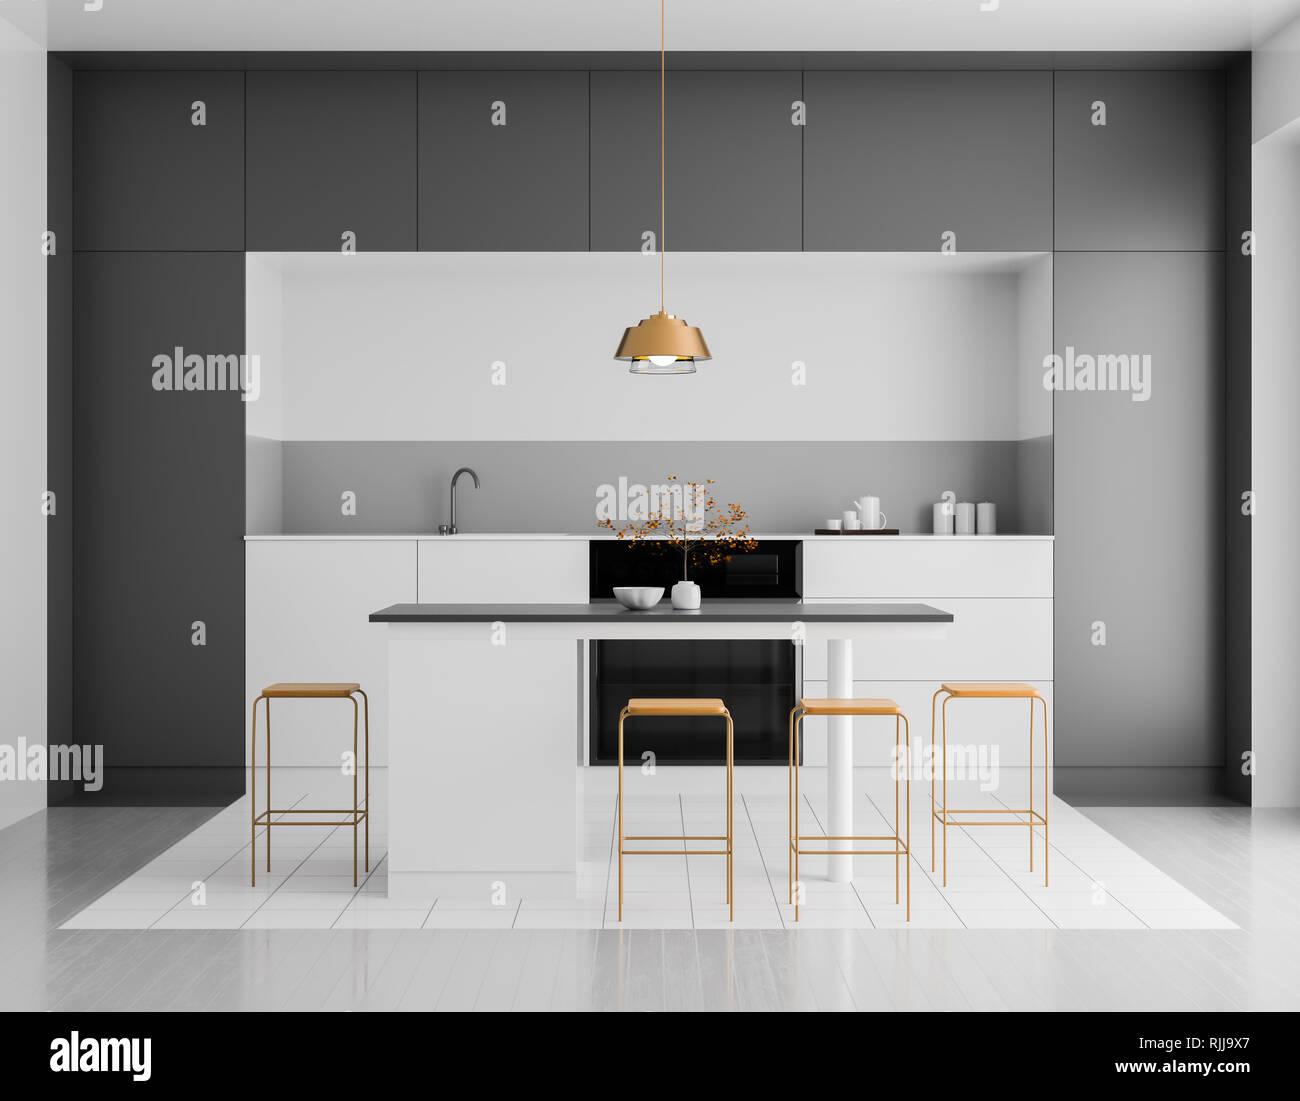 Moderne Helle Kuche Interieur Minimalistische Kuche Design Mit Bar